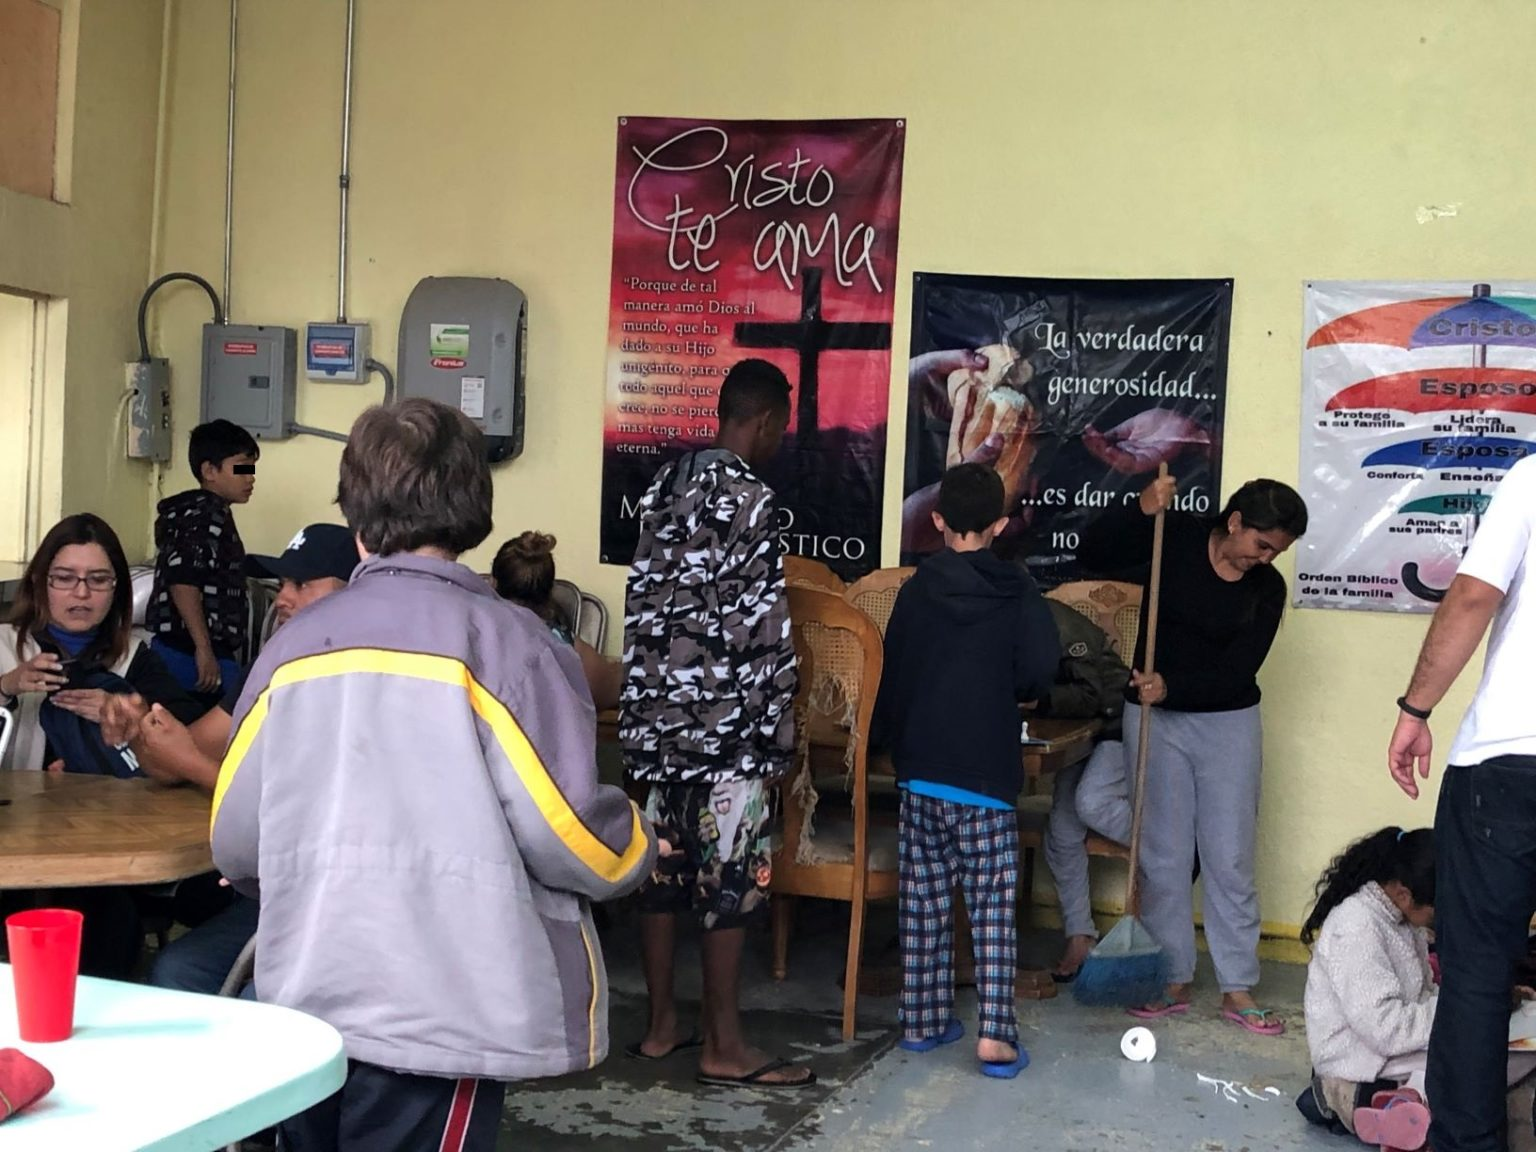 Hacinados, migrantes en albergues enfrentan crisis por coronavirus (Ciudad Juárez)